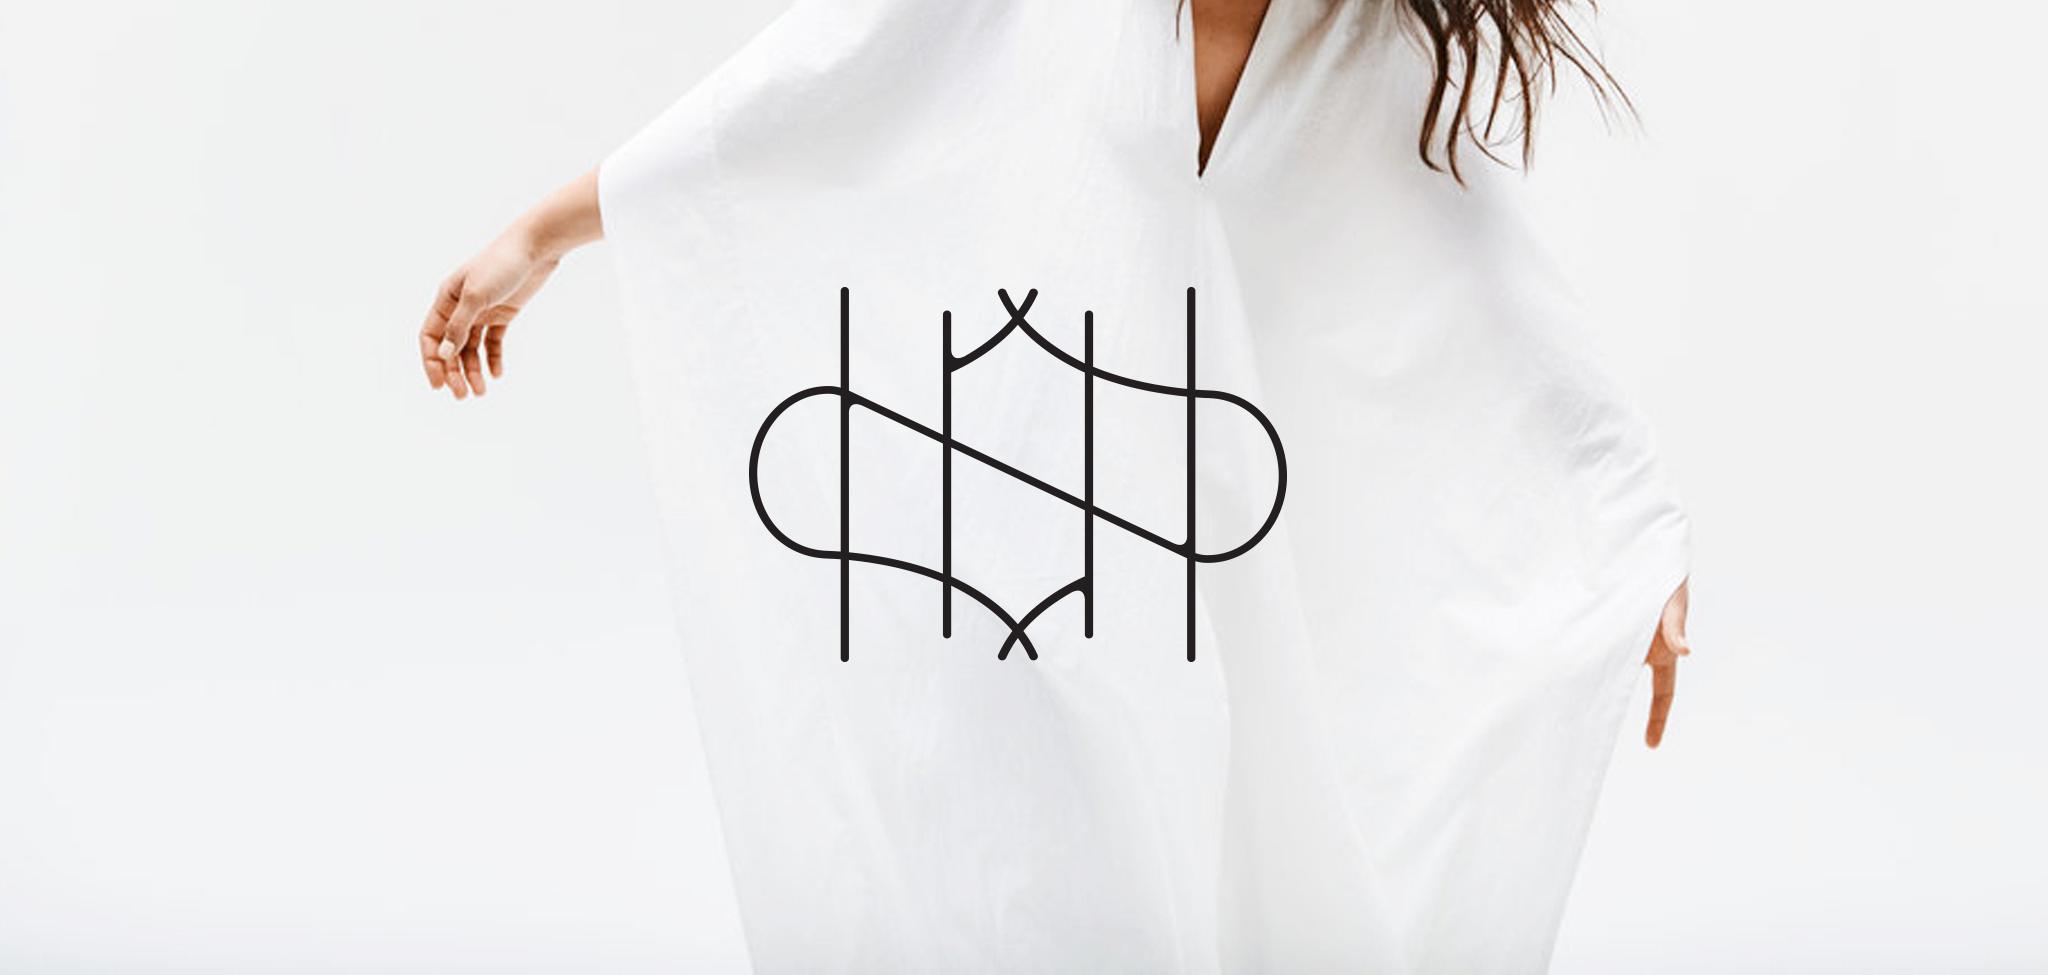 HDH_Header11